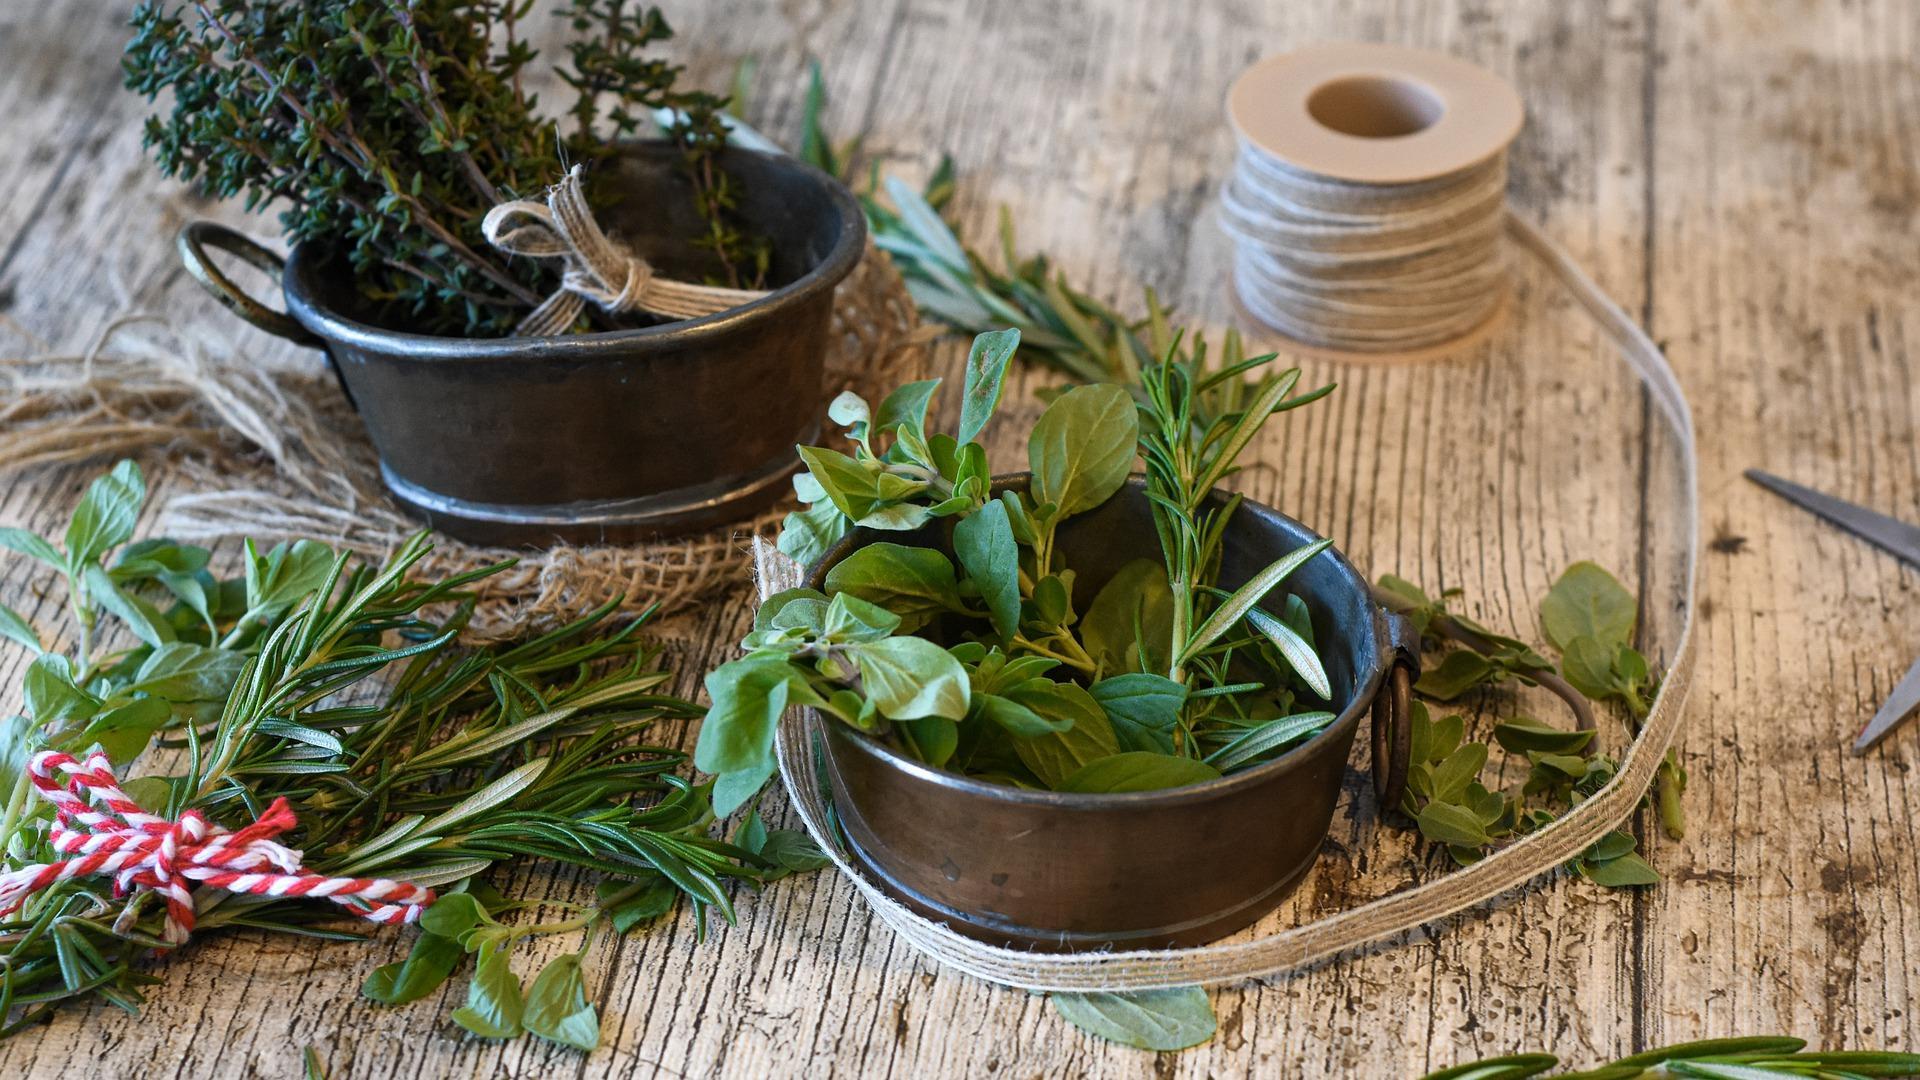 Tischdeko mit Kräutern - 3 tolle Ideen